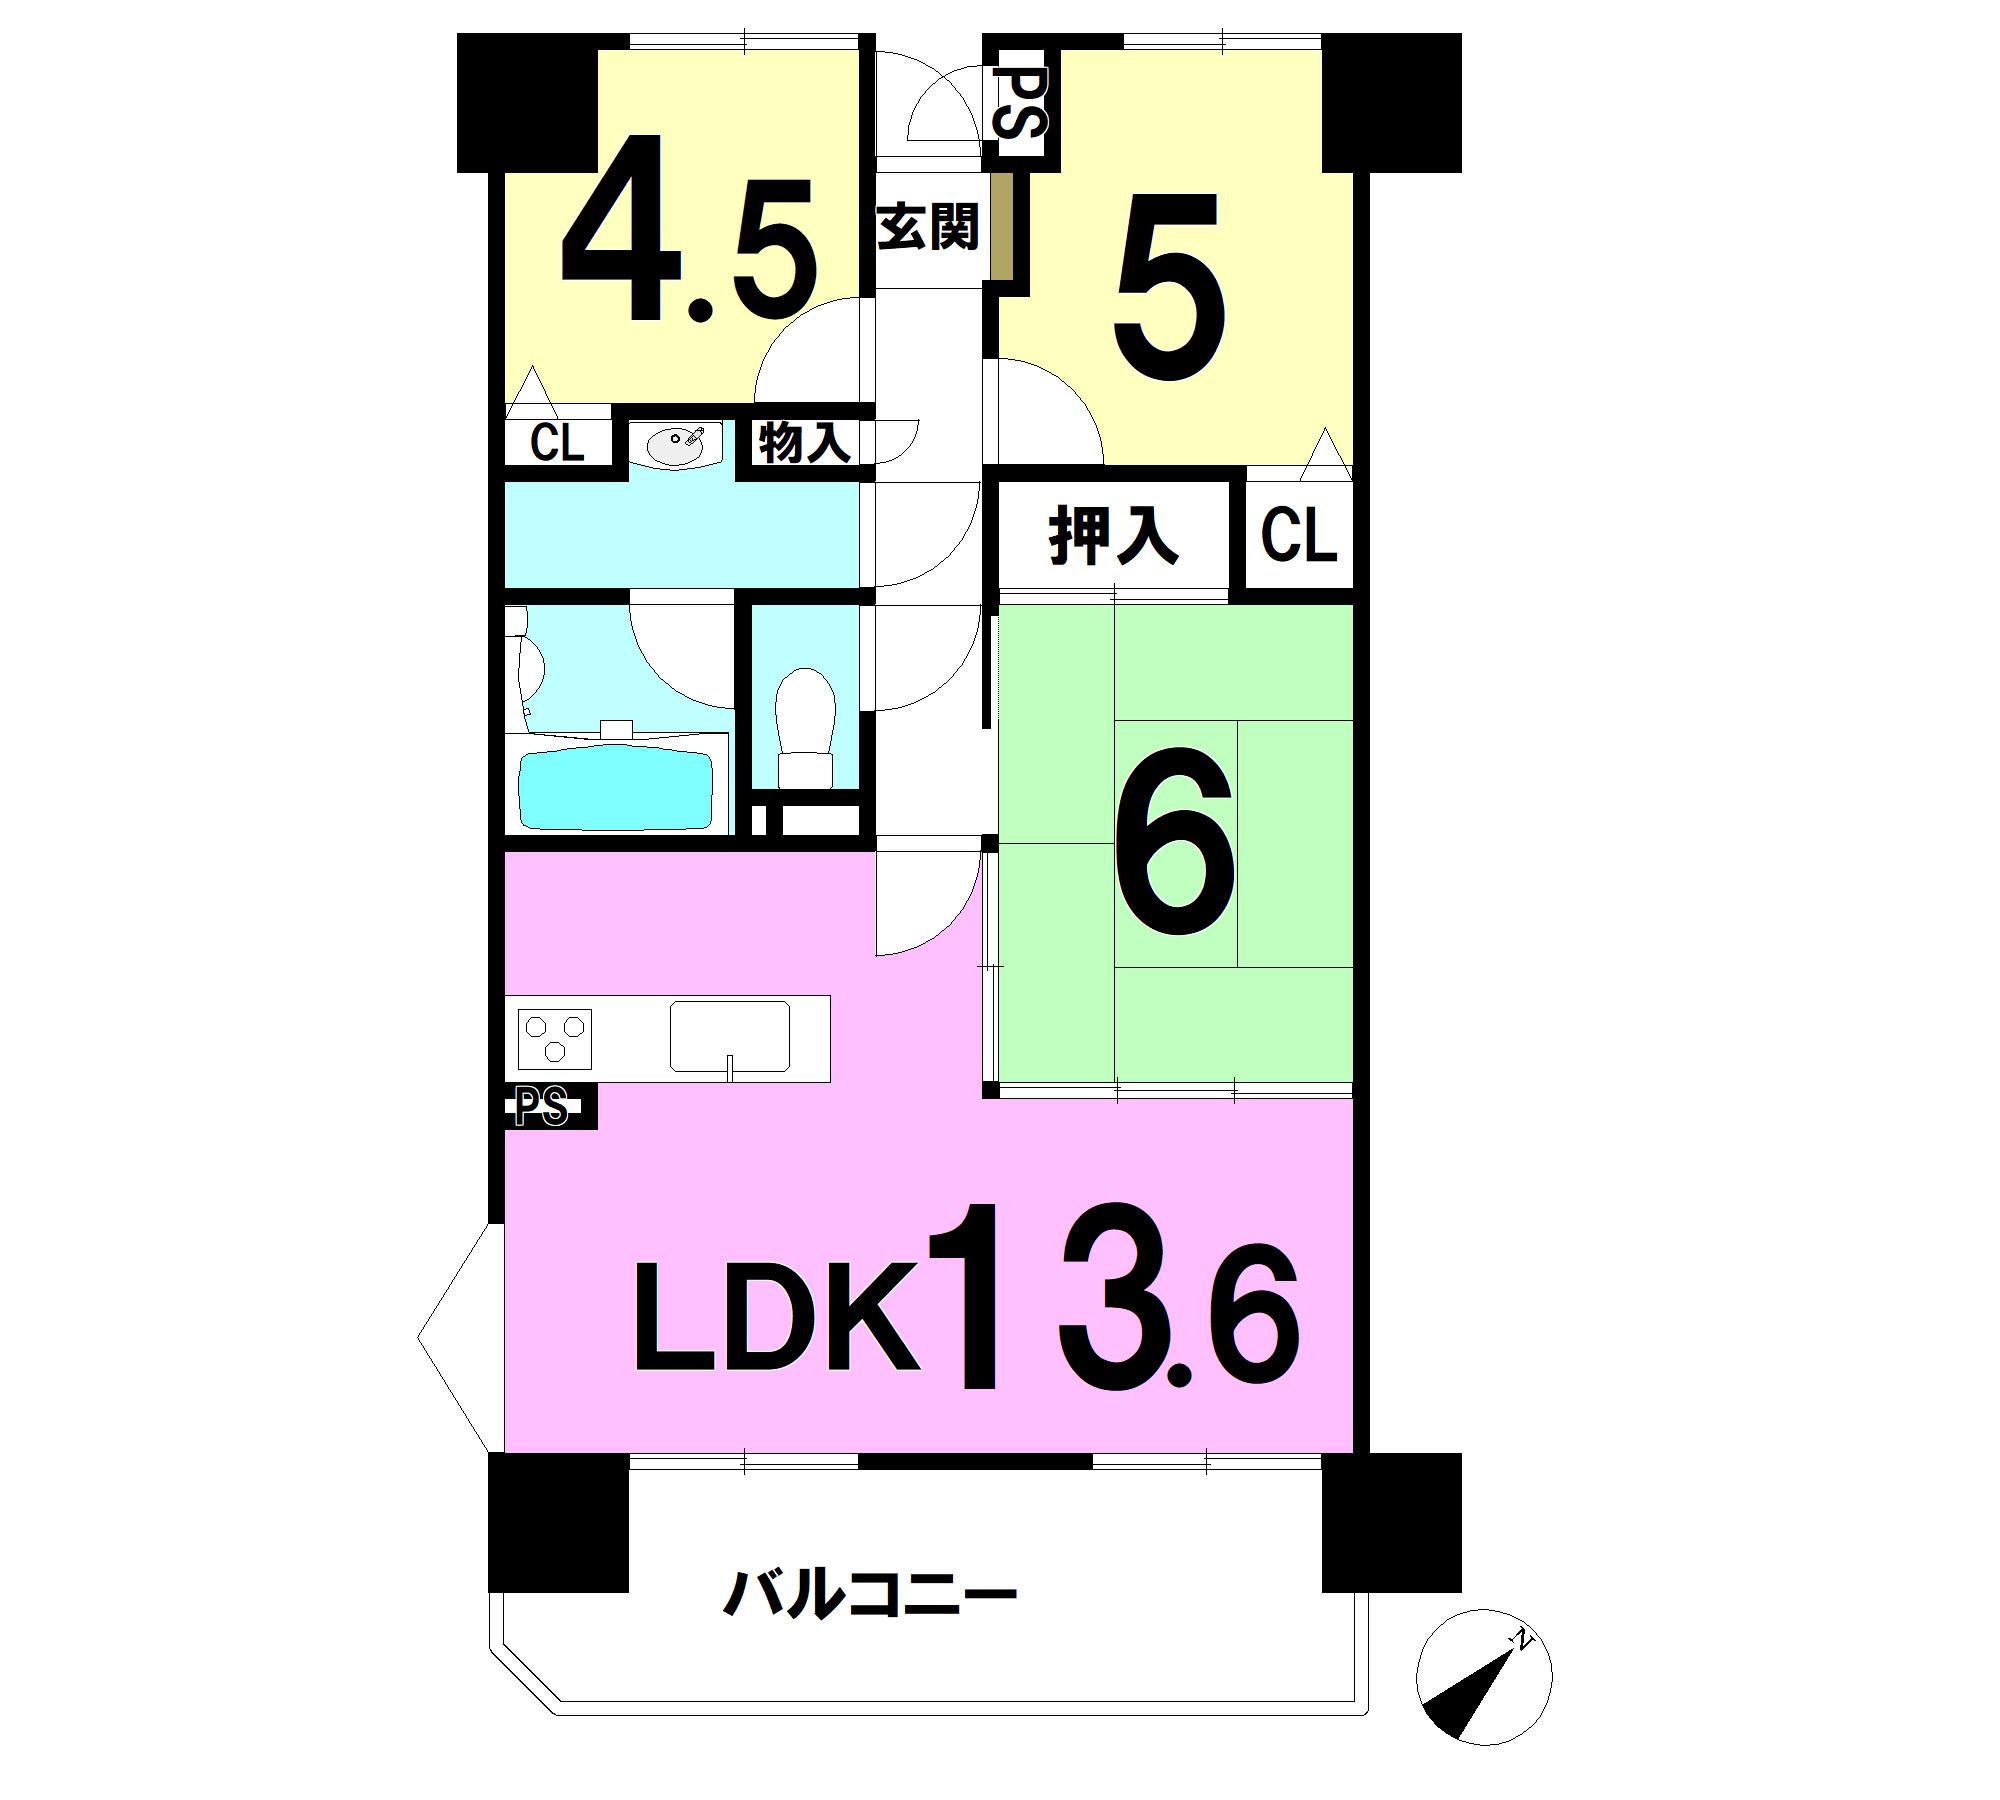 【間取り】 13.6LDK 6和 5洋 4.6洋